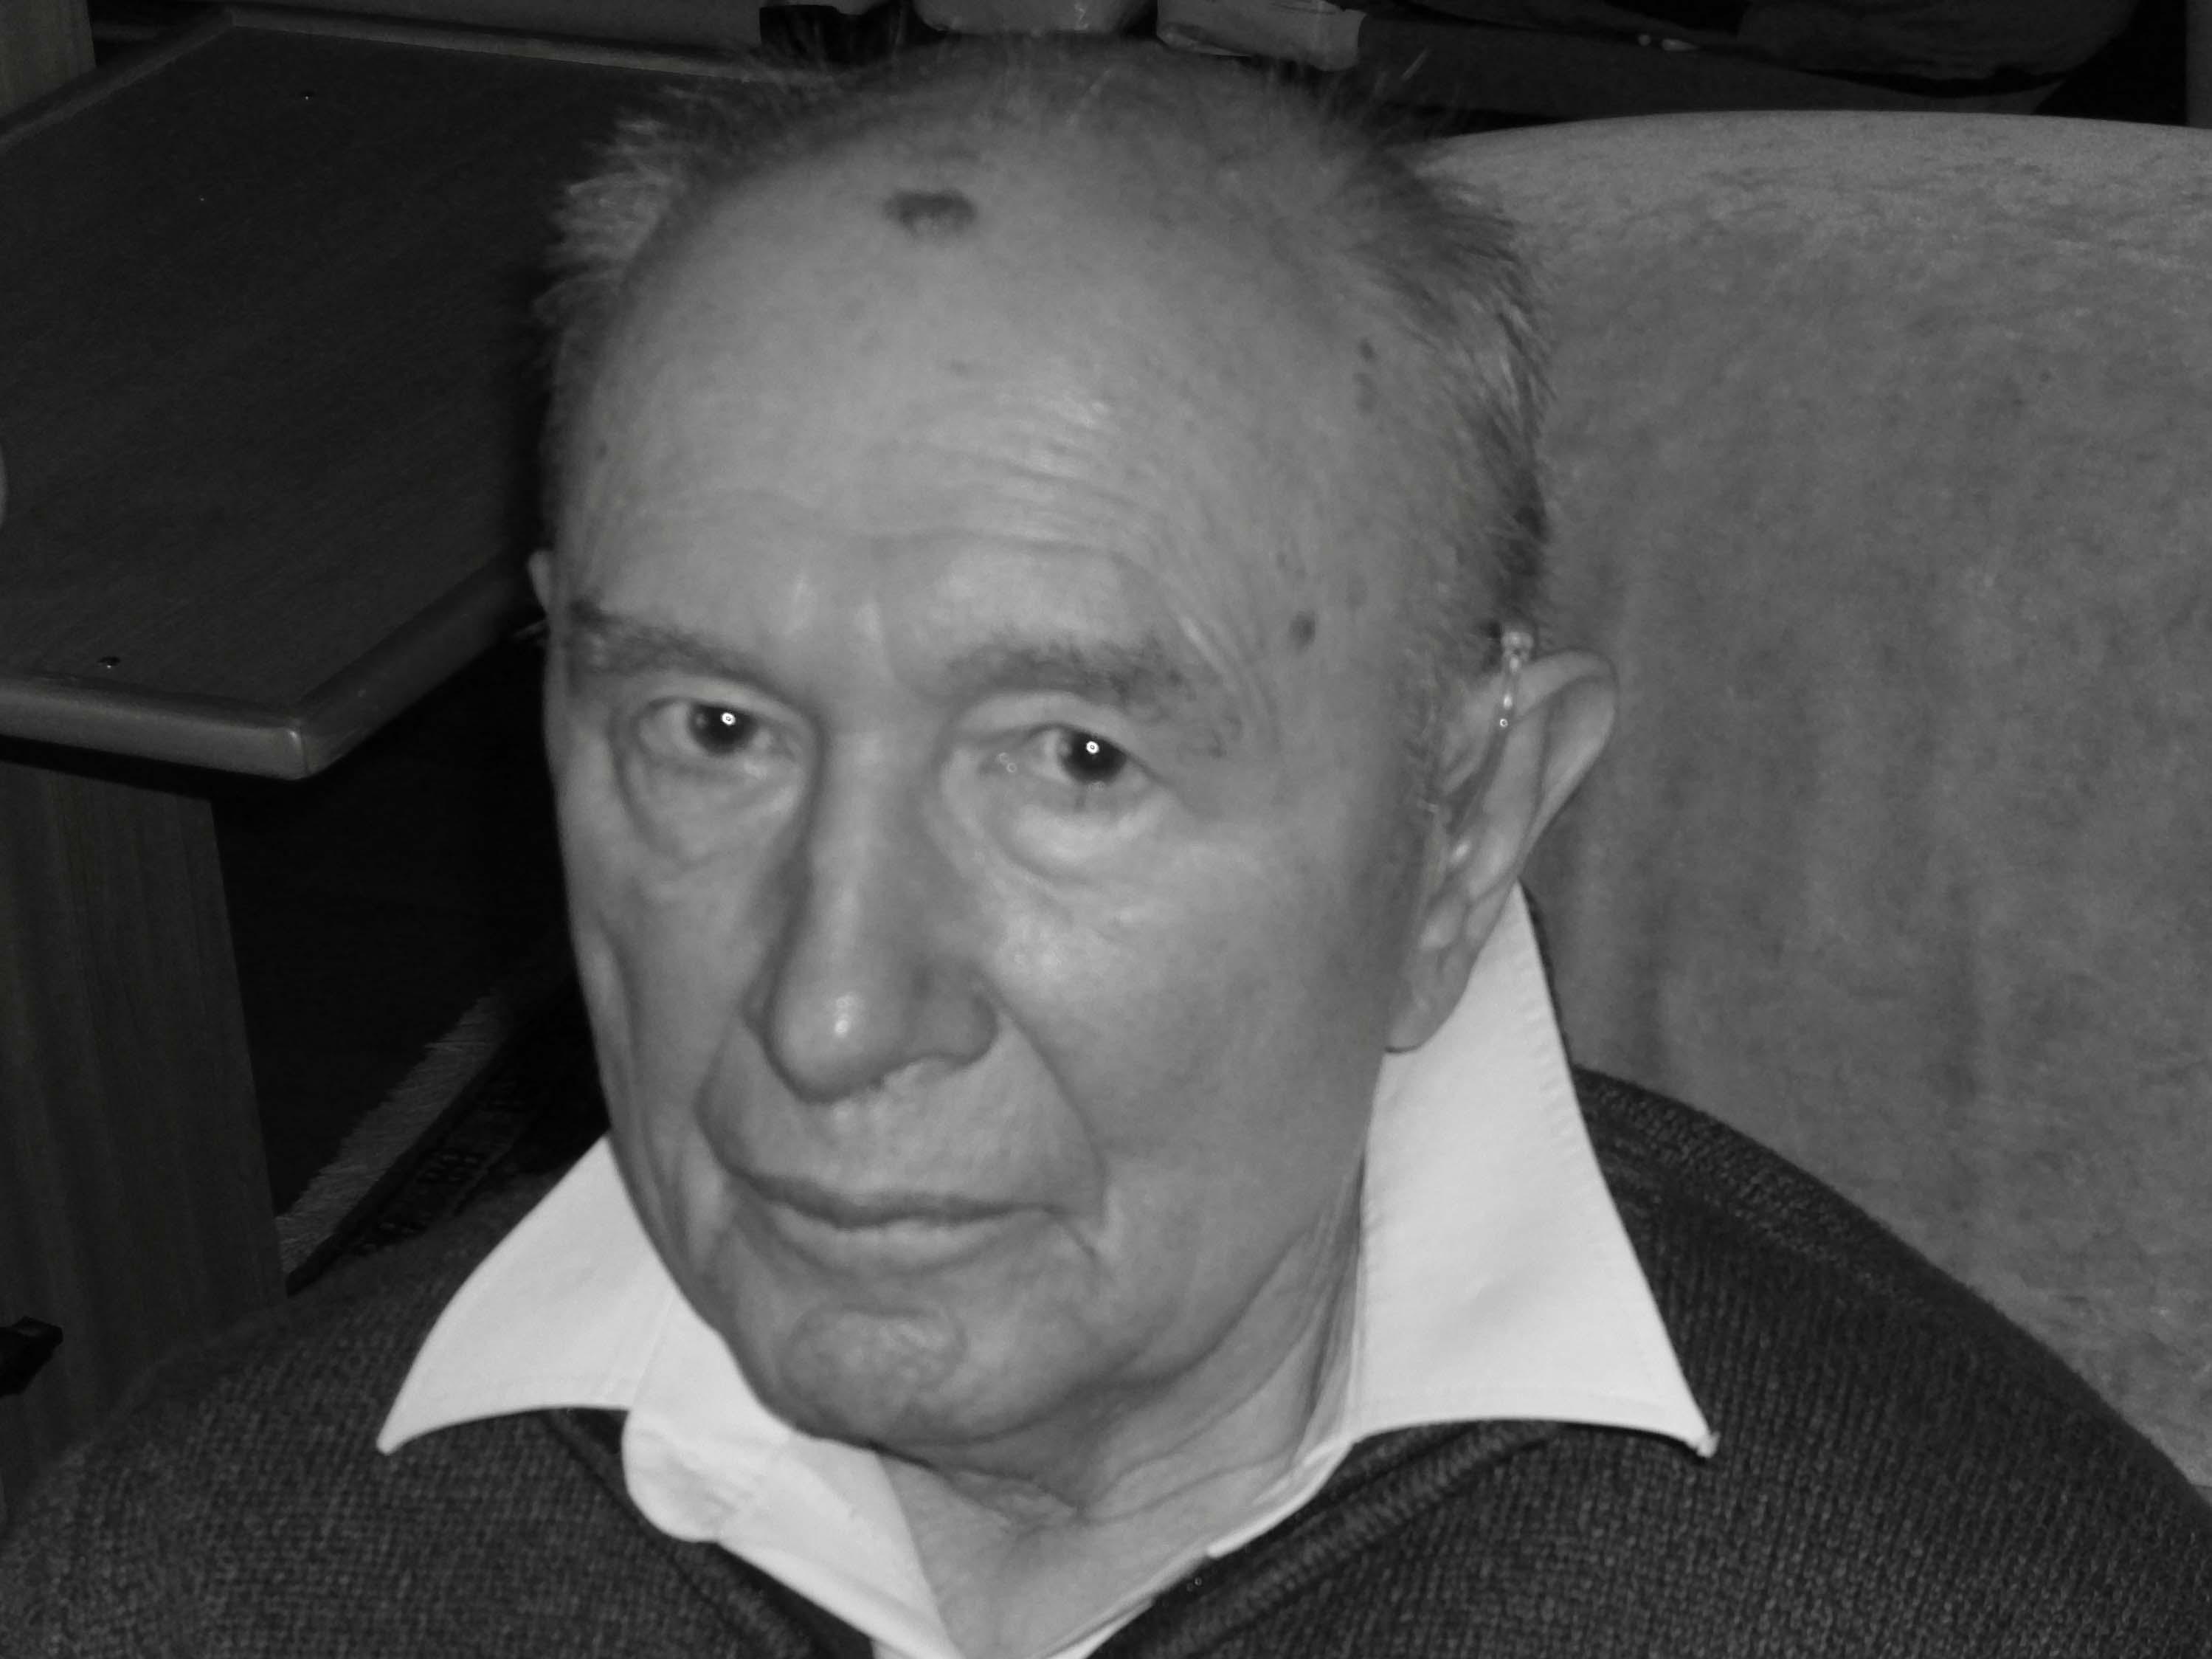 + Pfarrer i.R. Josef Viertl. (Foto: privat)